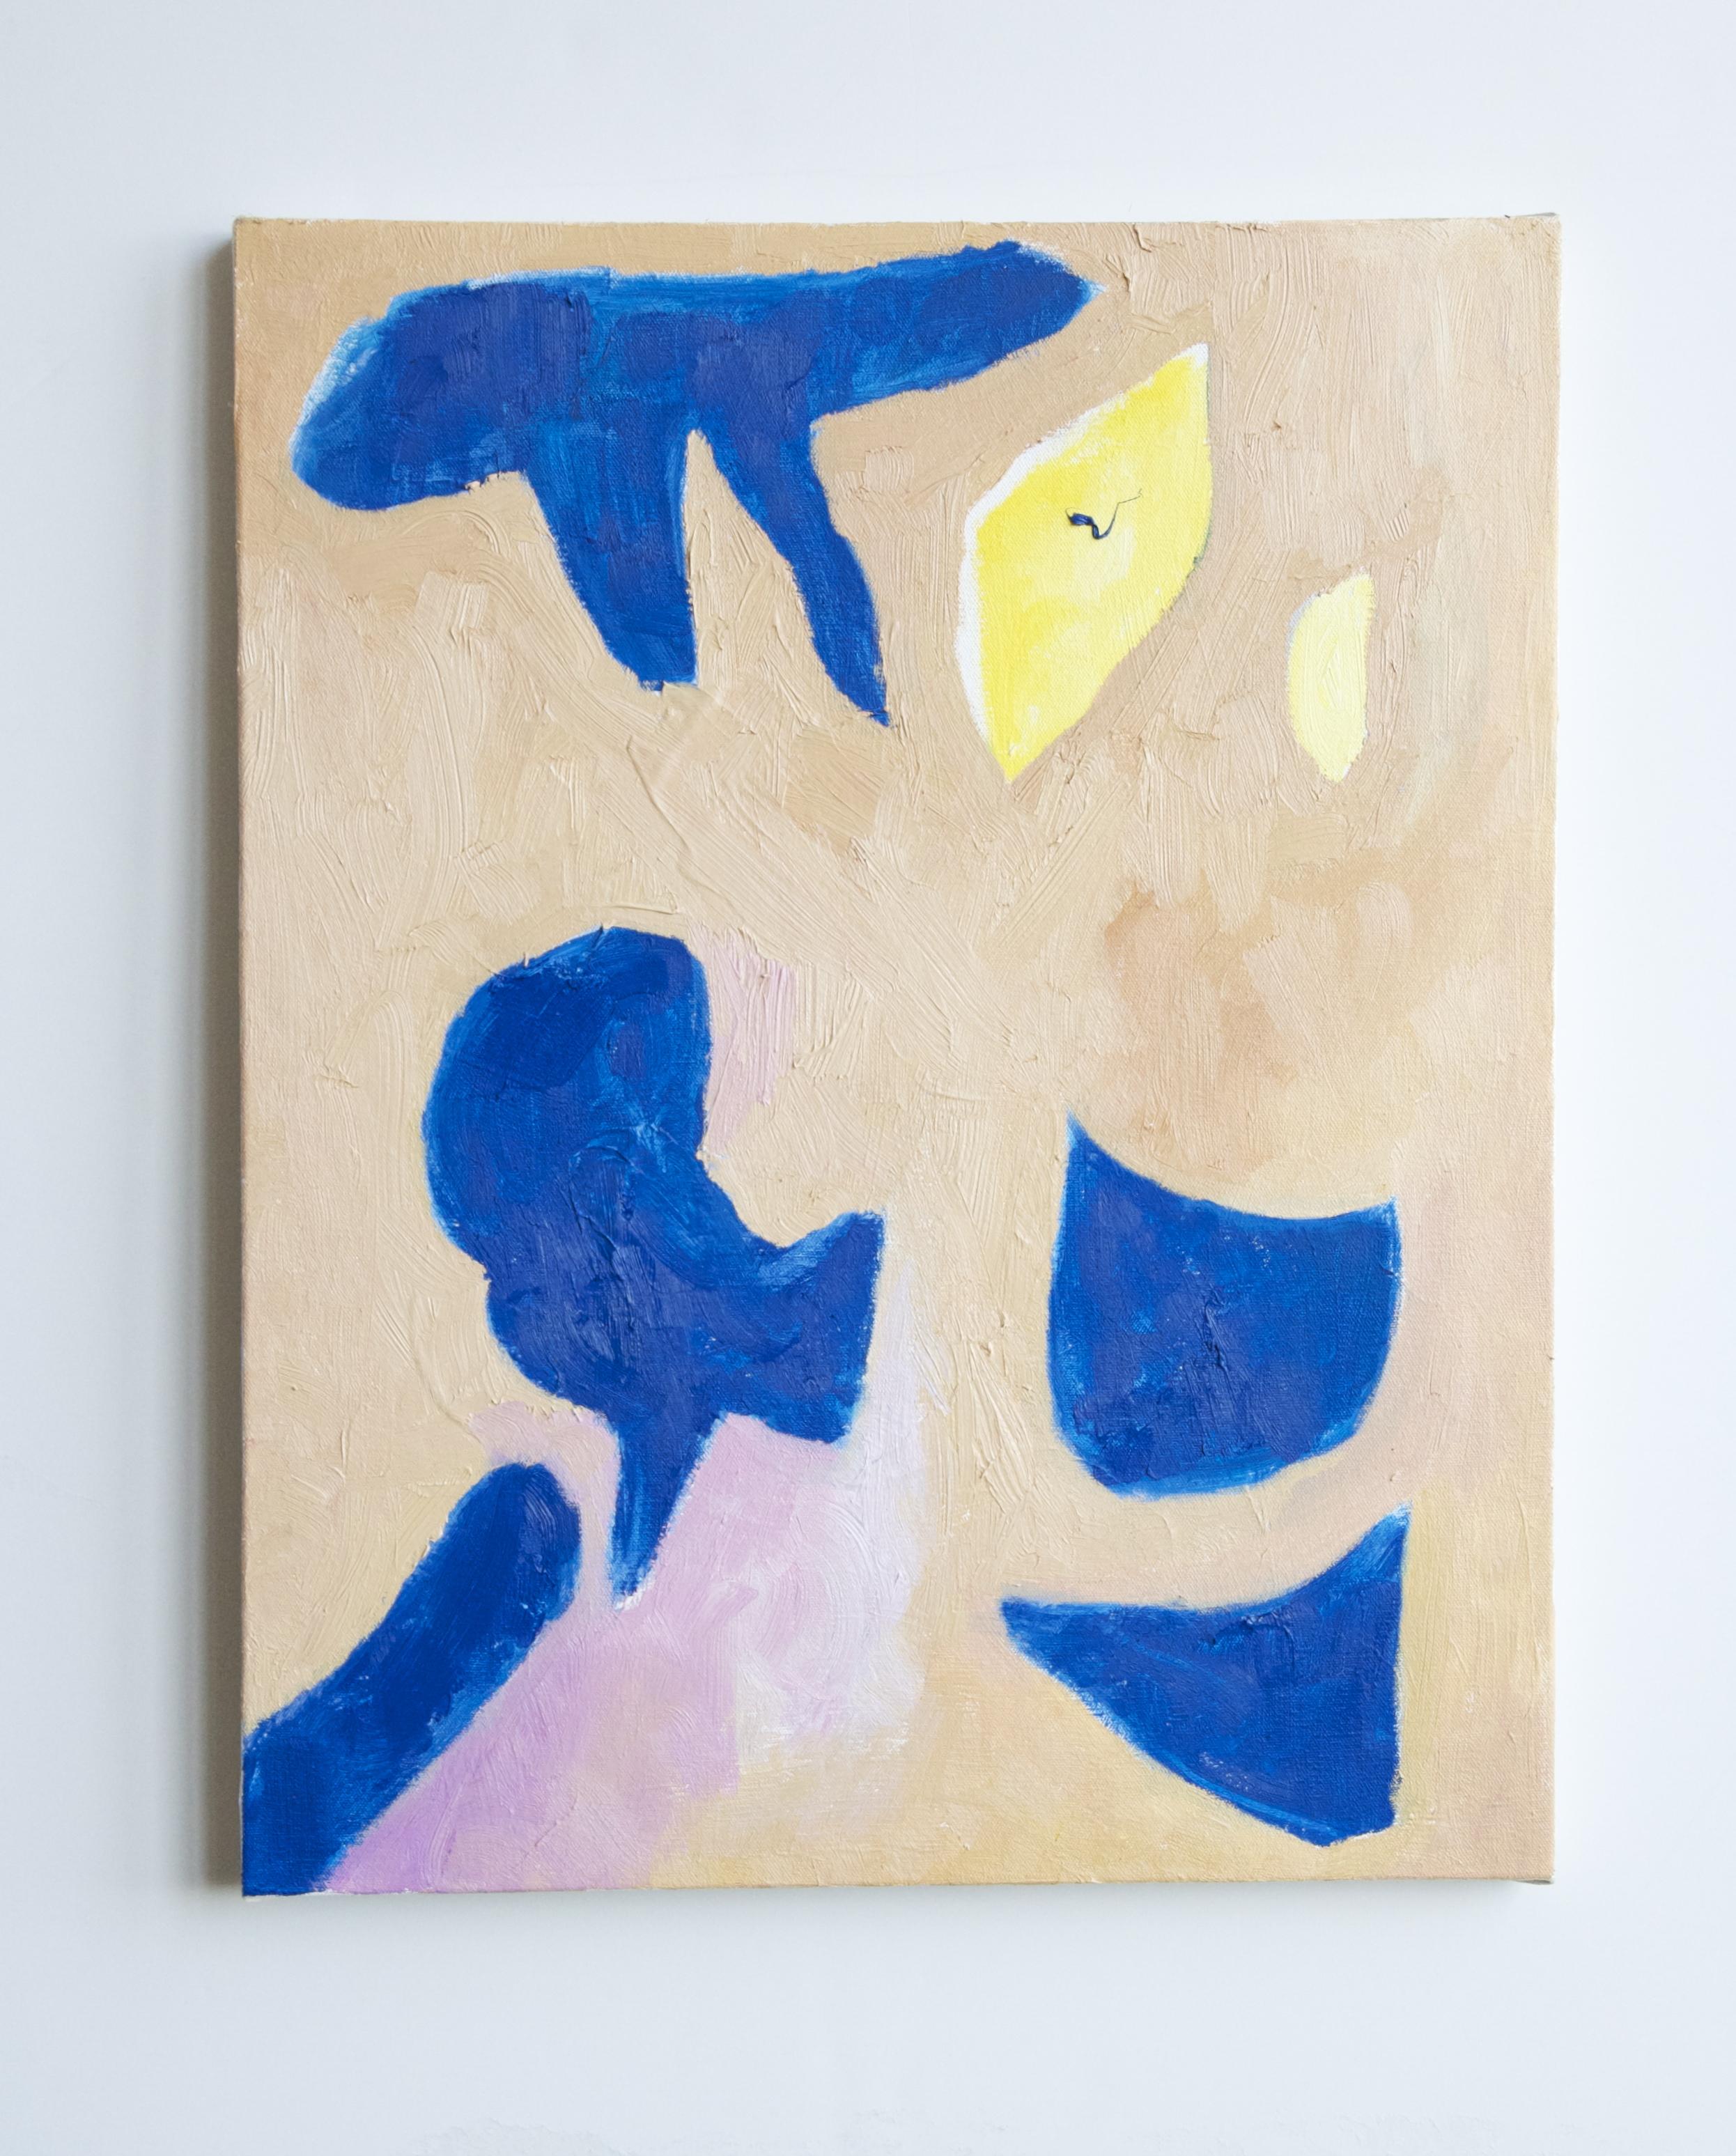 """naomi clark // peach moves // oil on canvas // 19"""" x 24"""" // 2015"""